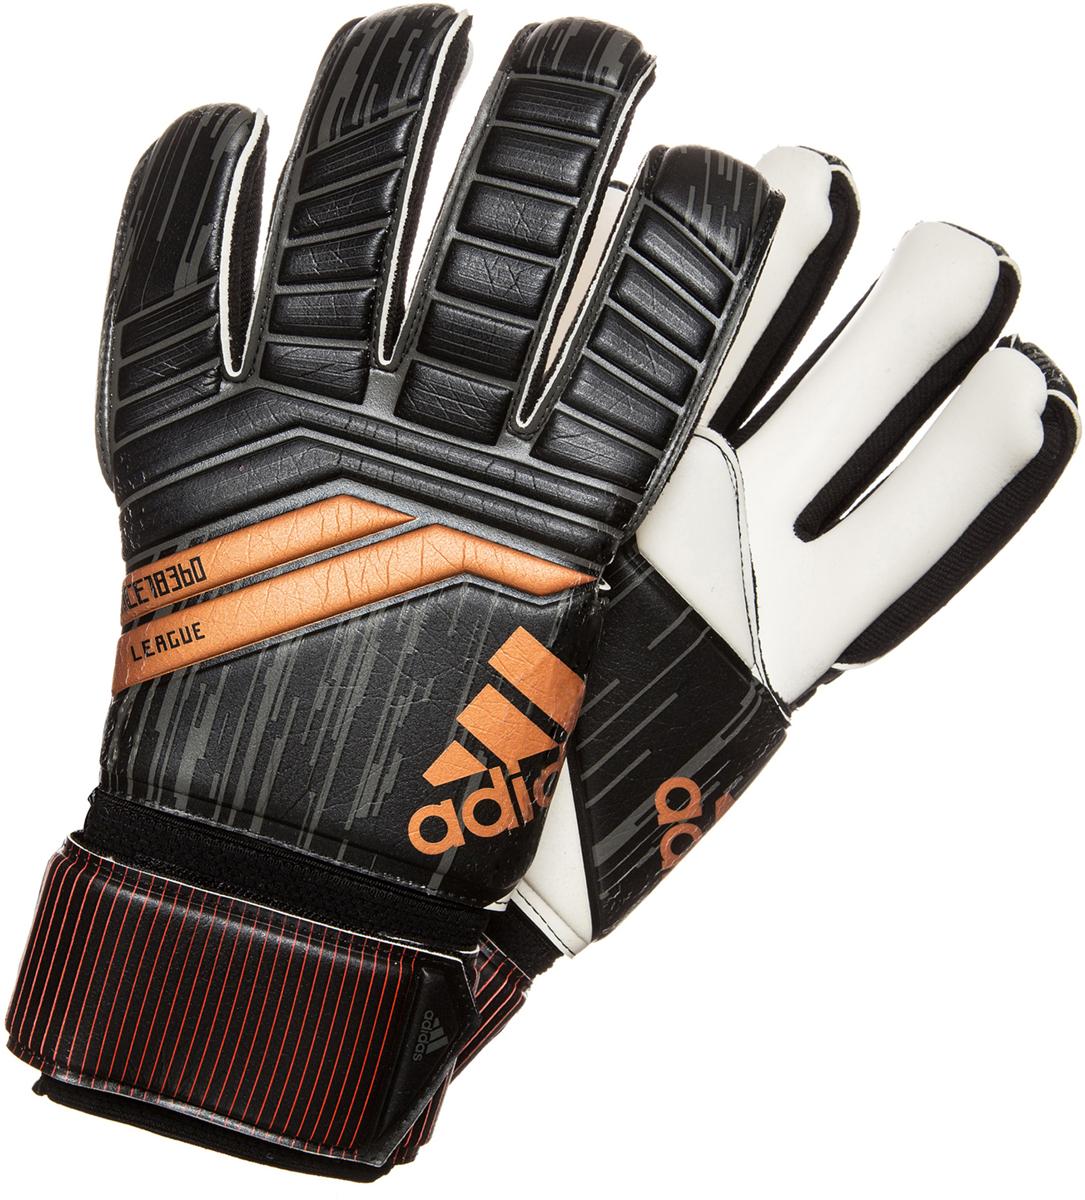 Вратарские перчатки Adidas Predator League отличный выбор для лучших вратарей.  Ладонь покрыта материалом Evo Zone Tech для удобной посадки.  Крой с внутренними швами облегает руку, так что перчатки подойдут футболистам даже с тонкими пальцами. Эластичный манжет комфортно облегает запястье и поддерживает его.   Ремешок даст вам возможность плотно закрепить перчатки на вашей руке.   Вратарские перчатки Adidas Predator League смогут удержать даже самые сильные удары.